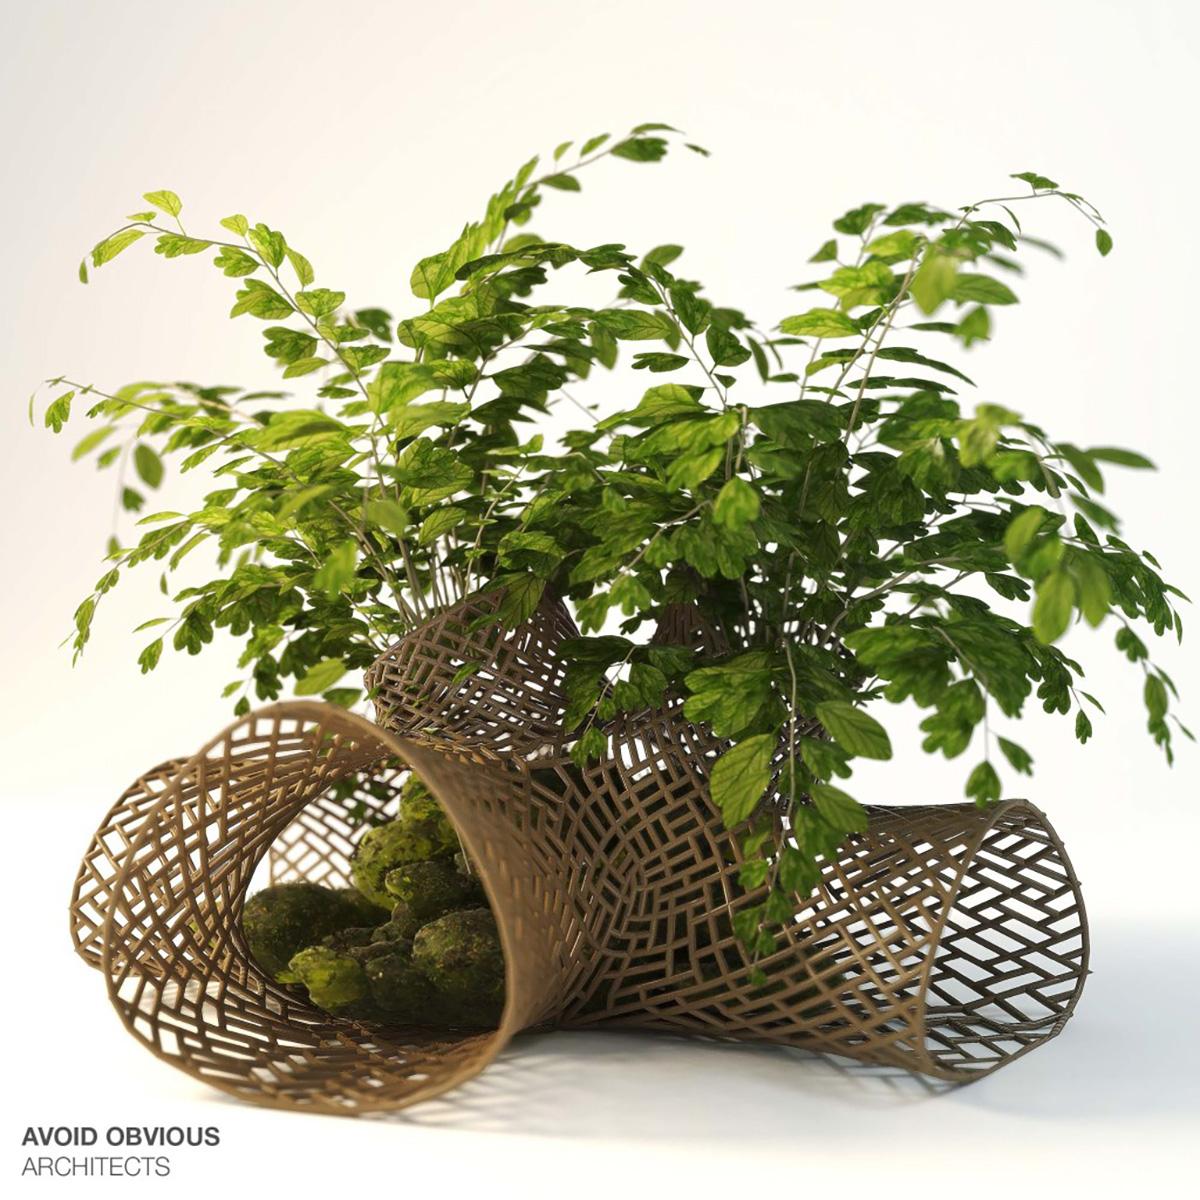 Kiến Việt - Circle of Life - Khoa học kết hợp nghệ thuật Avoid Obvious Architects